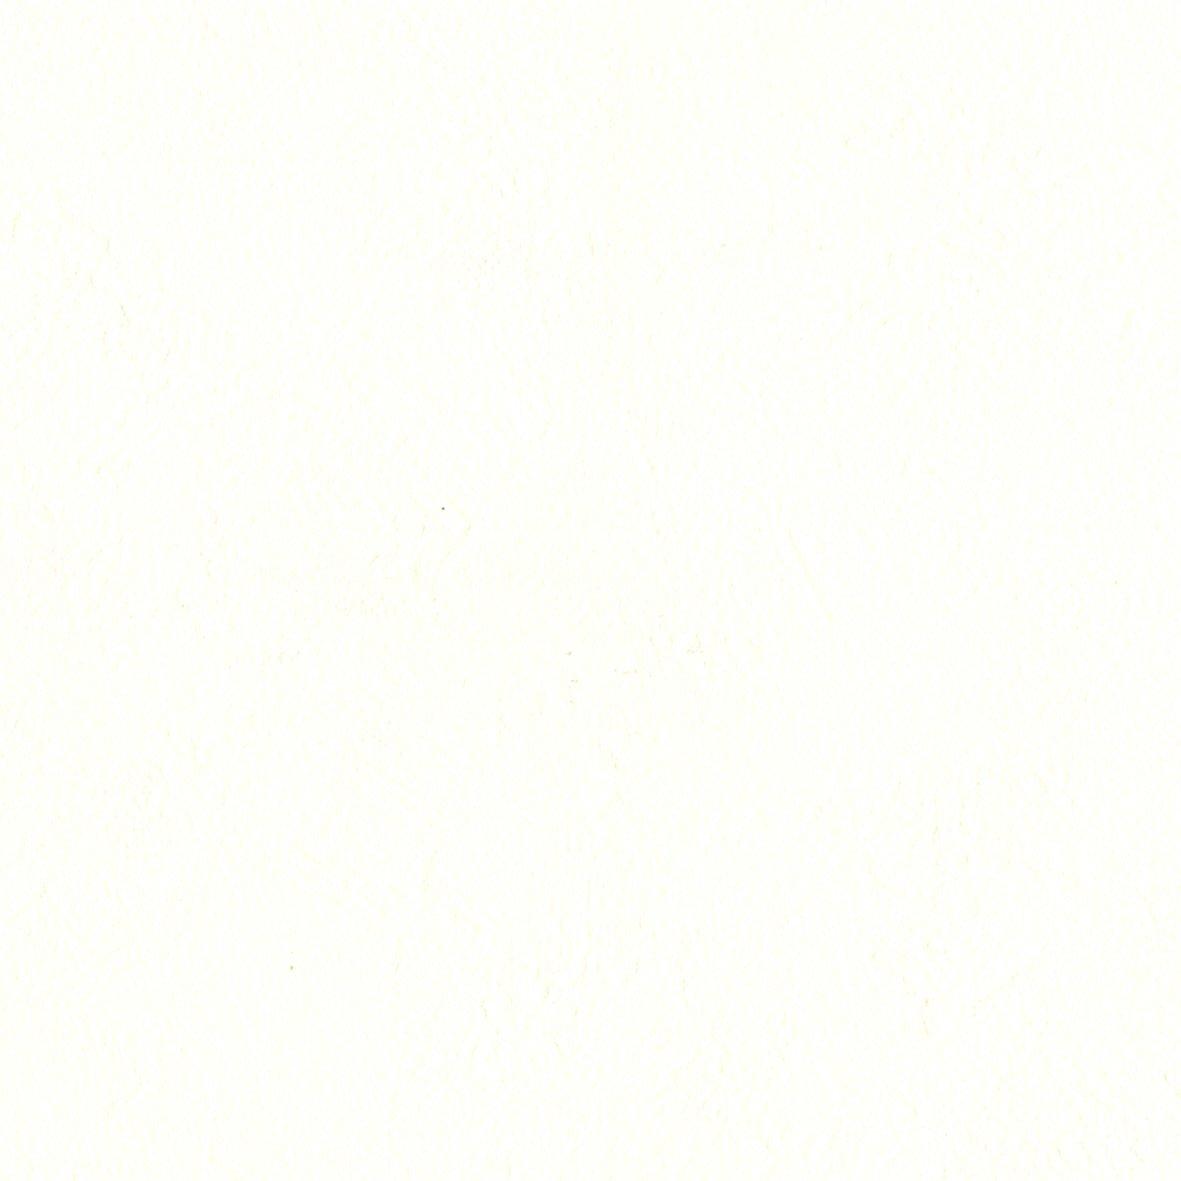 リリカラ 壁紙20m ナチュラル 石目調 グリーン カラーバリエーション LV-6179 B01IHOVI2E 20m|グリーン